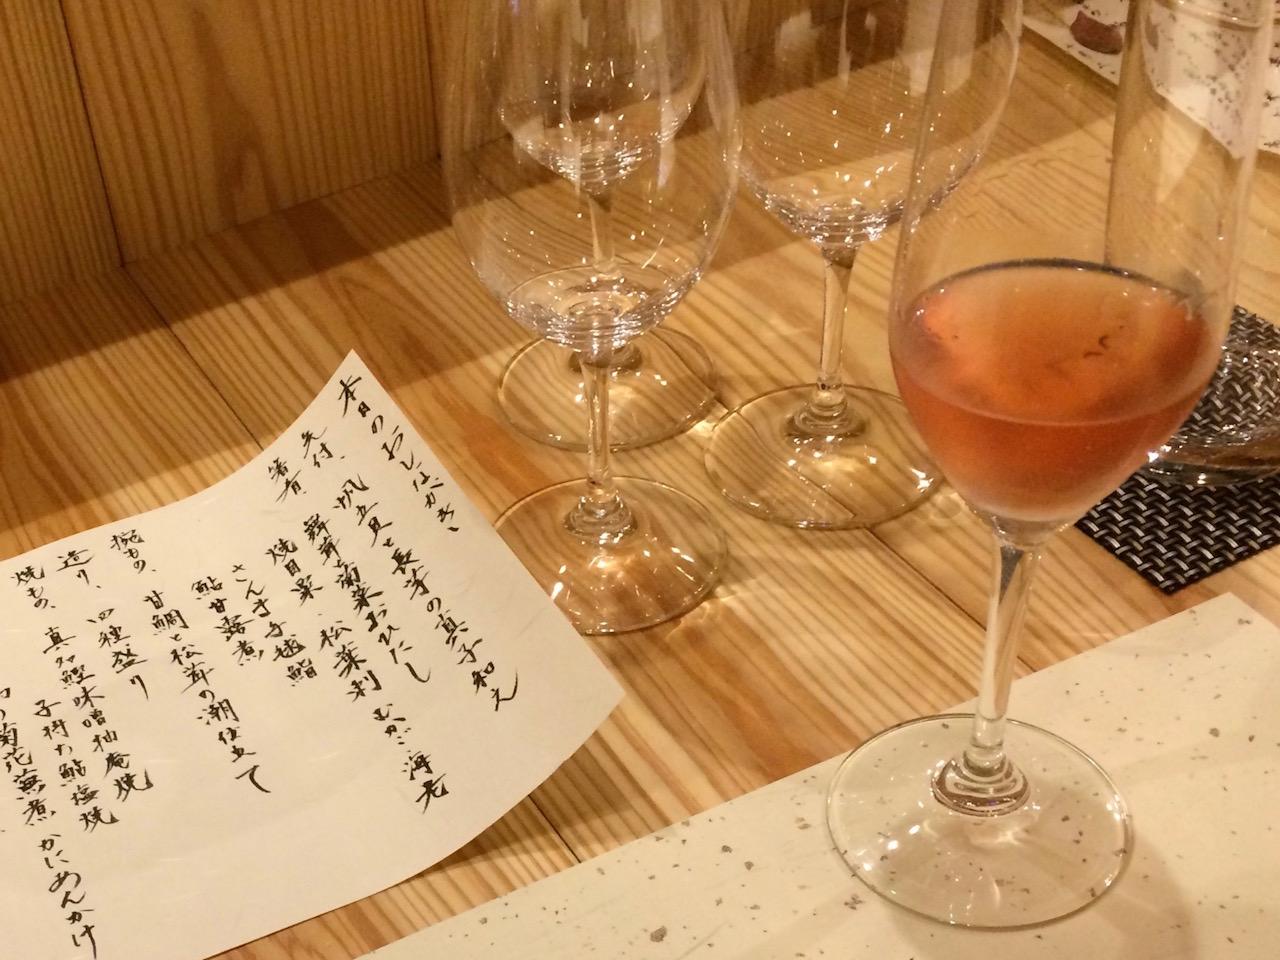 フランスからきた旅人との対話で気づいた、日本酒を自分たちの文化的文脈で捉えるということ